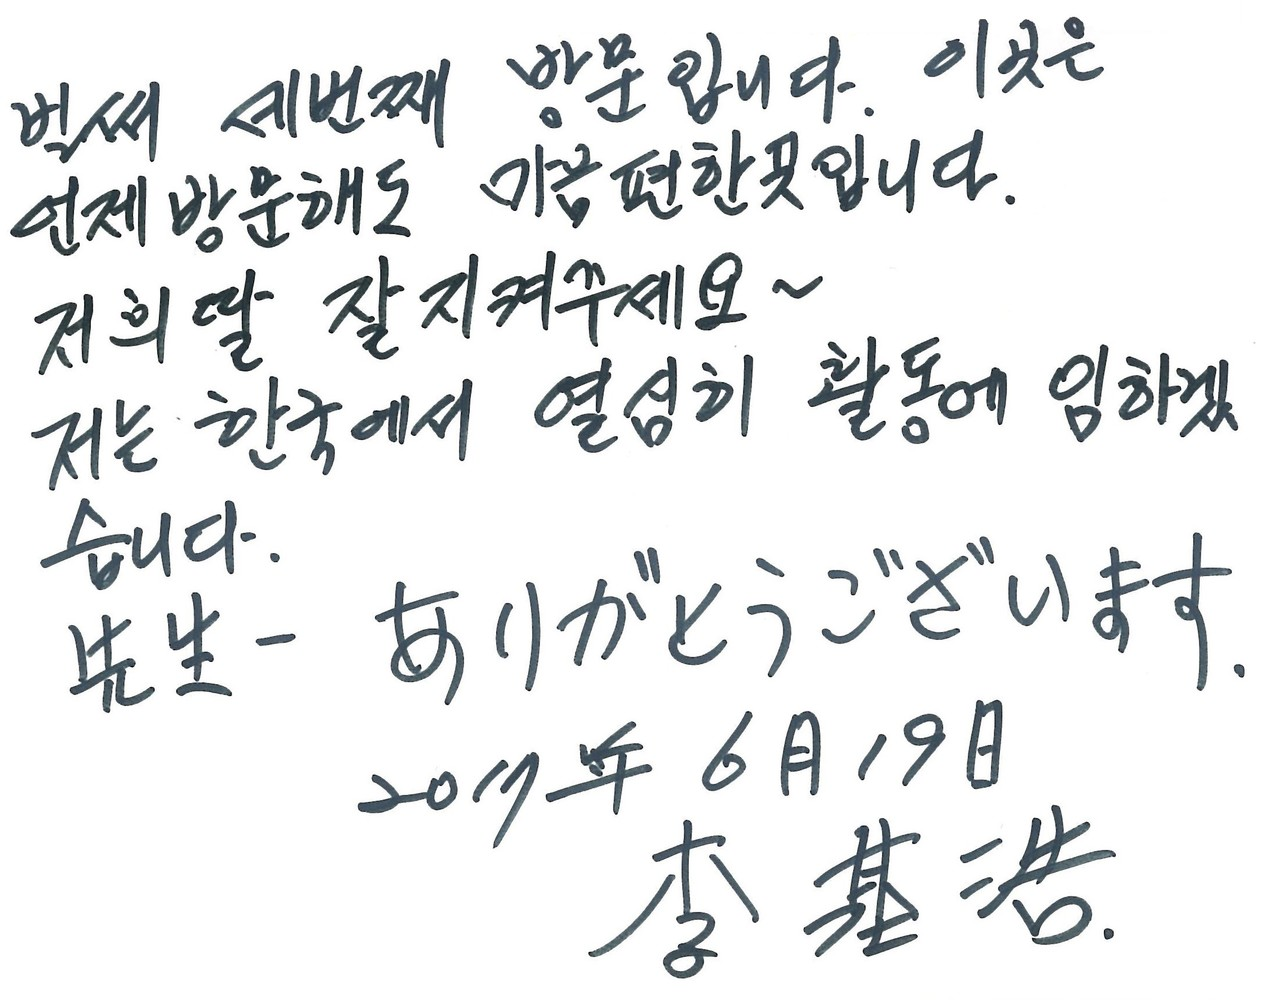 長崎創価学会 ピースメッセージ 韓国のメンバ